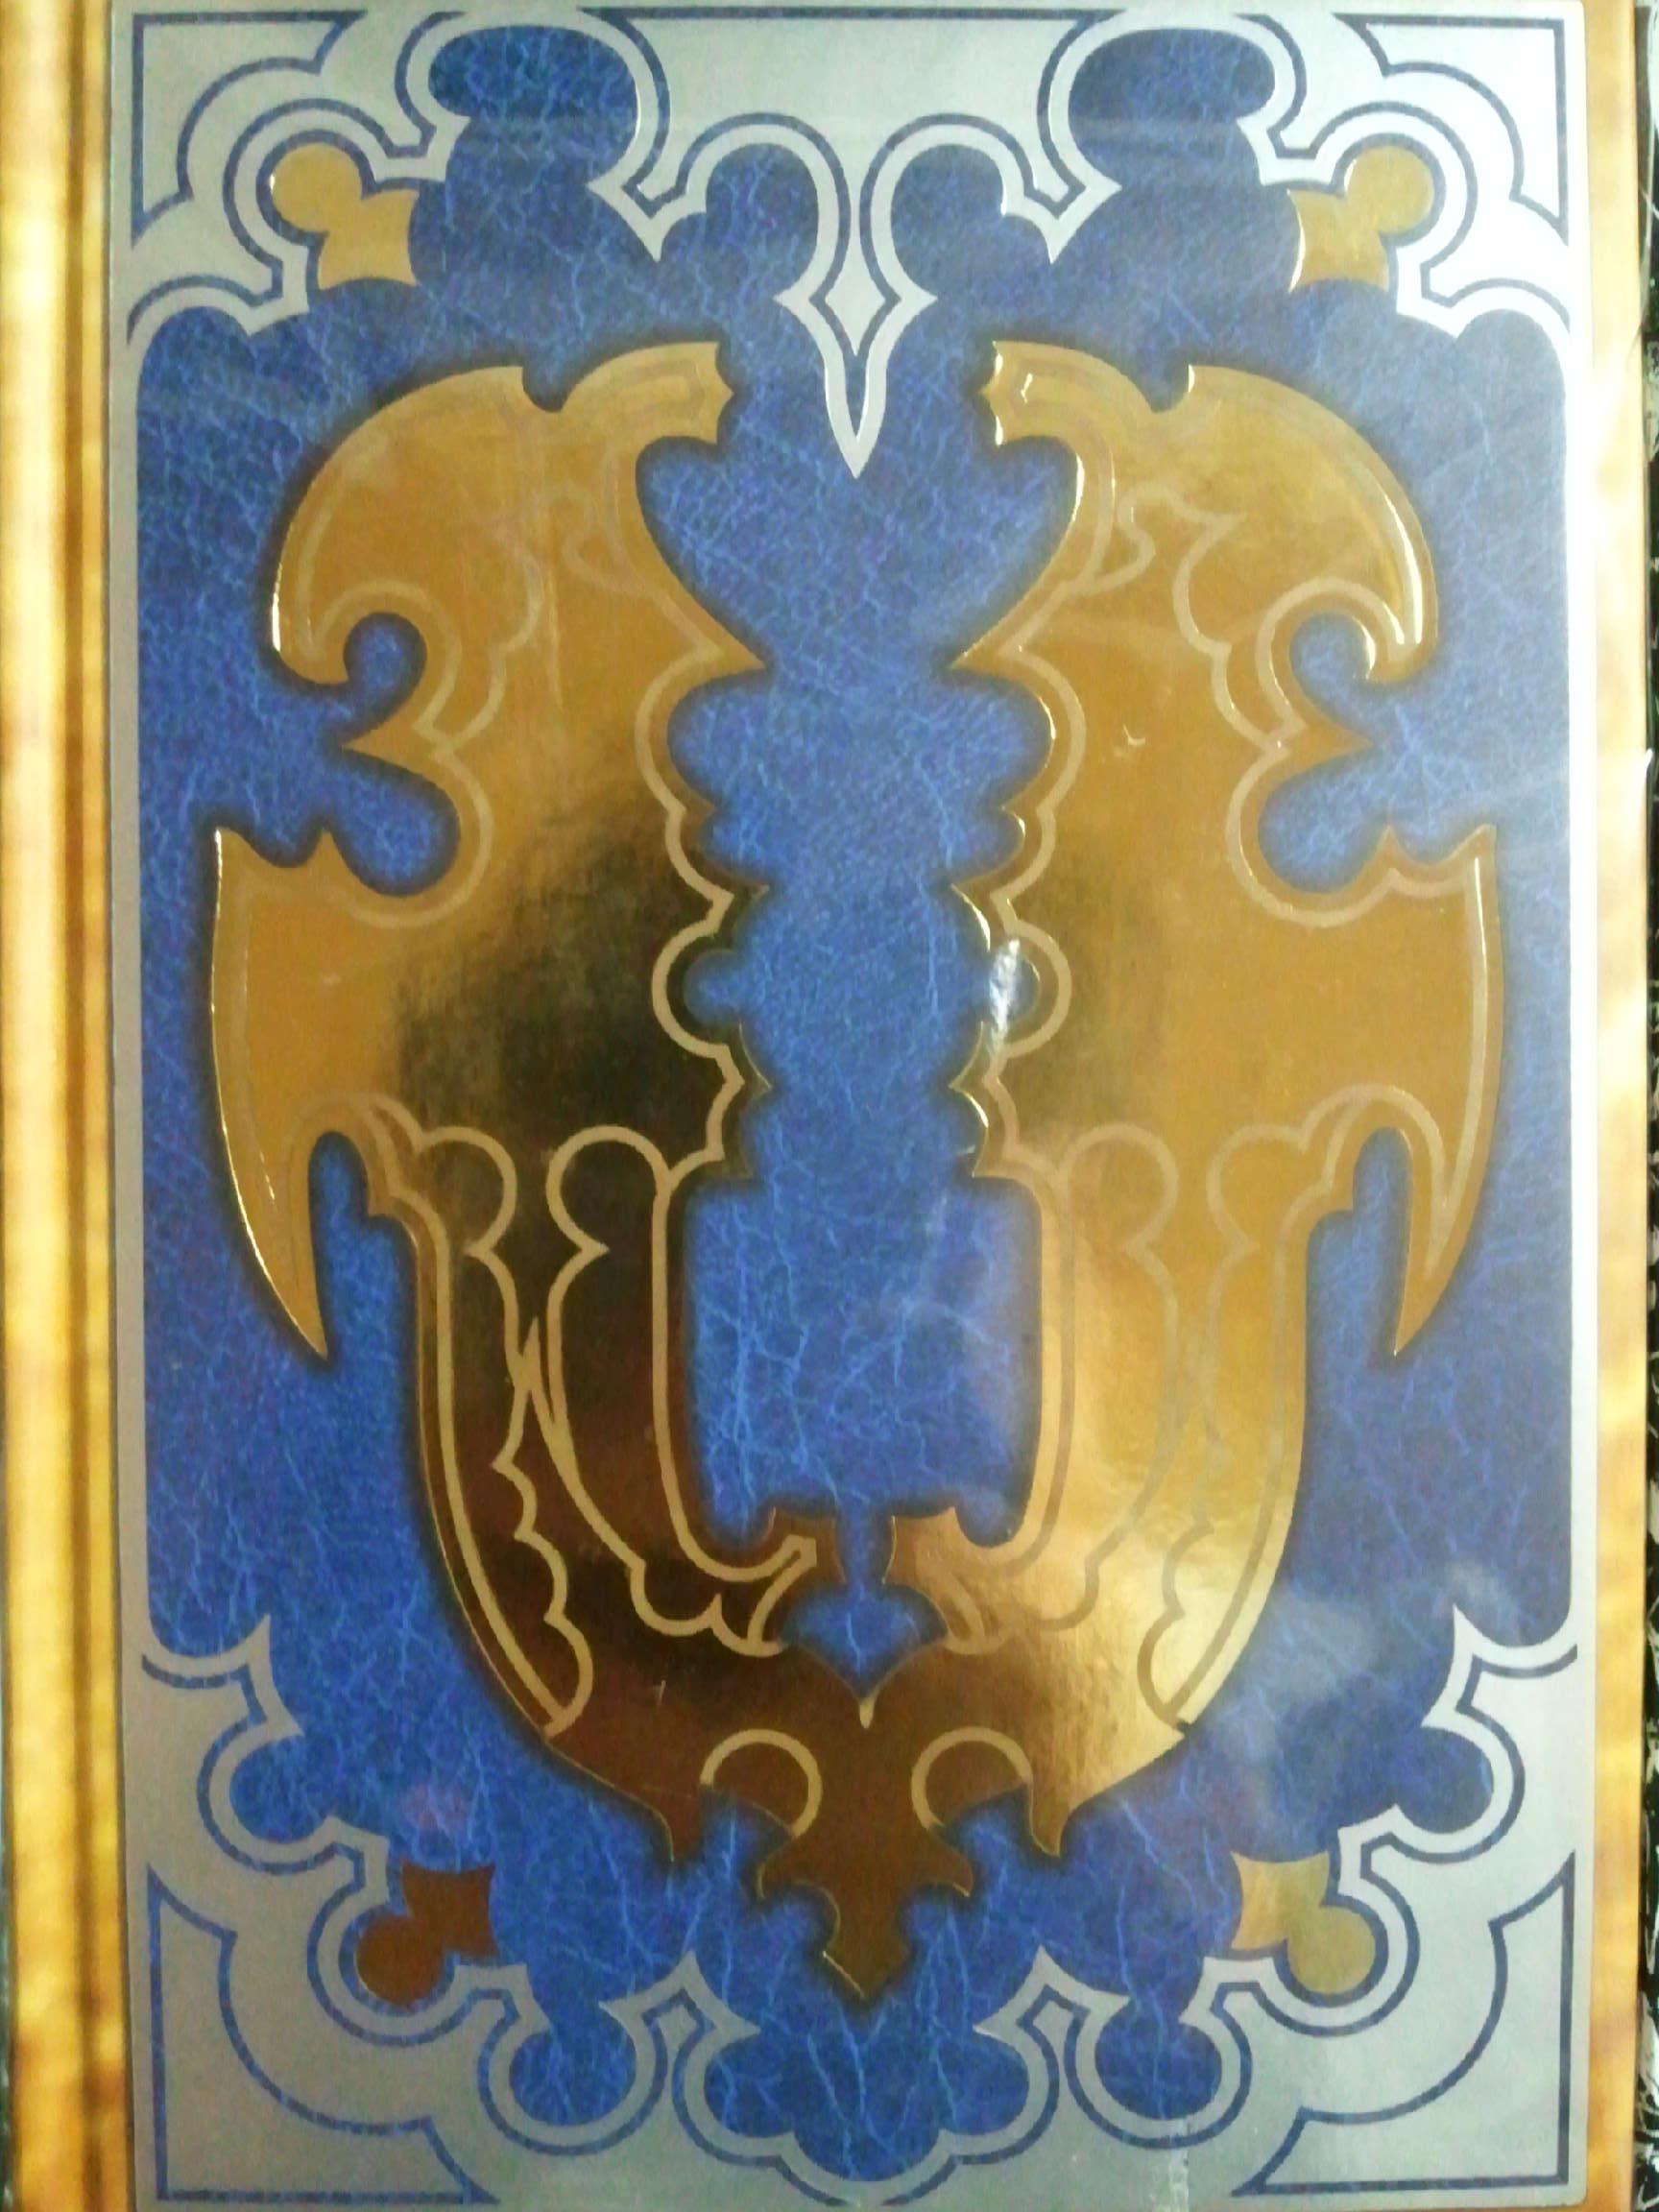 ブレイブリーセカンド コレクターズパックUの手帳